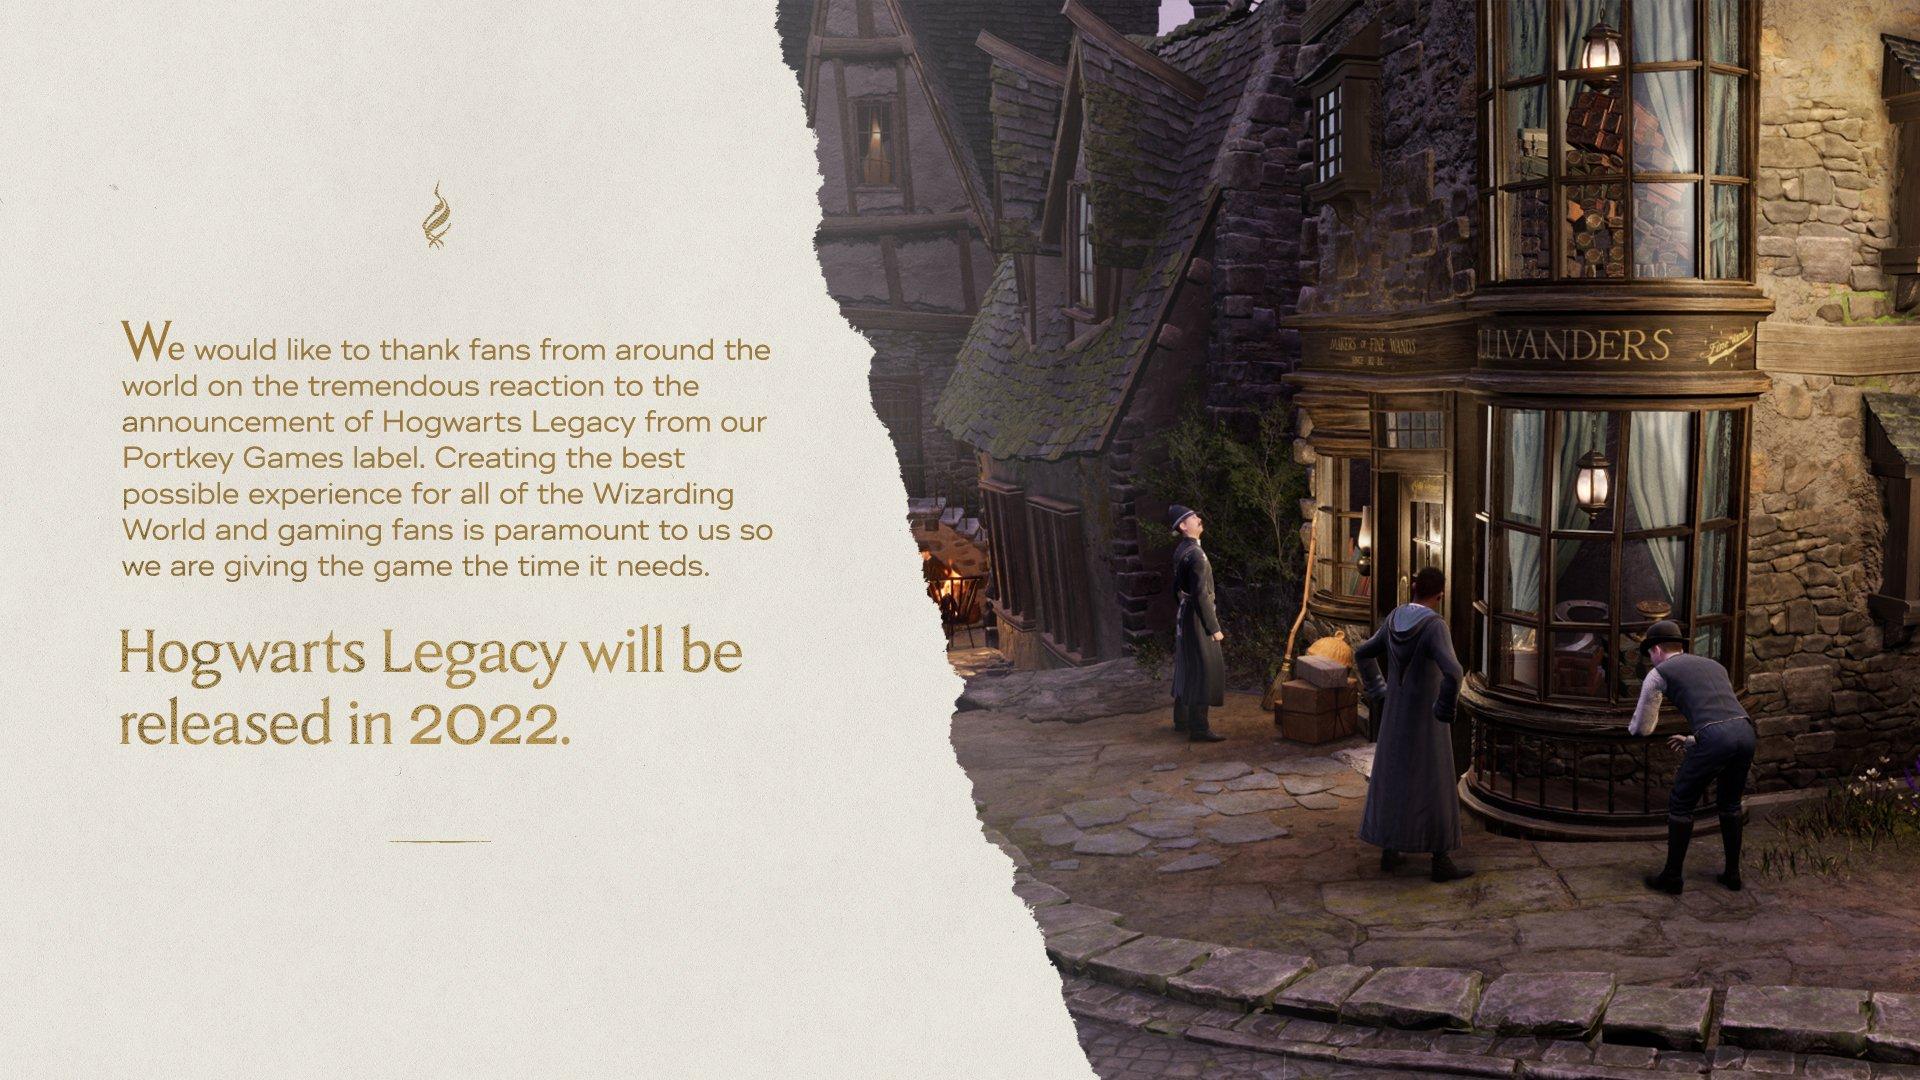 Розробники оголосили про перенесення релізу гри / фото twitter.com/HogwartsLegacy